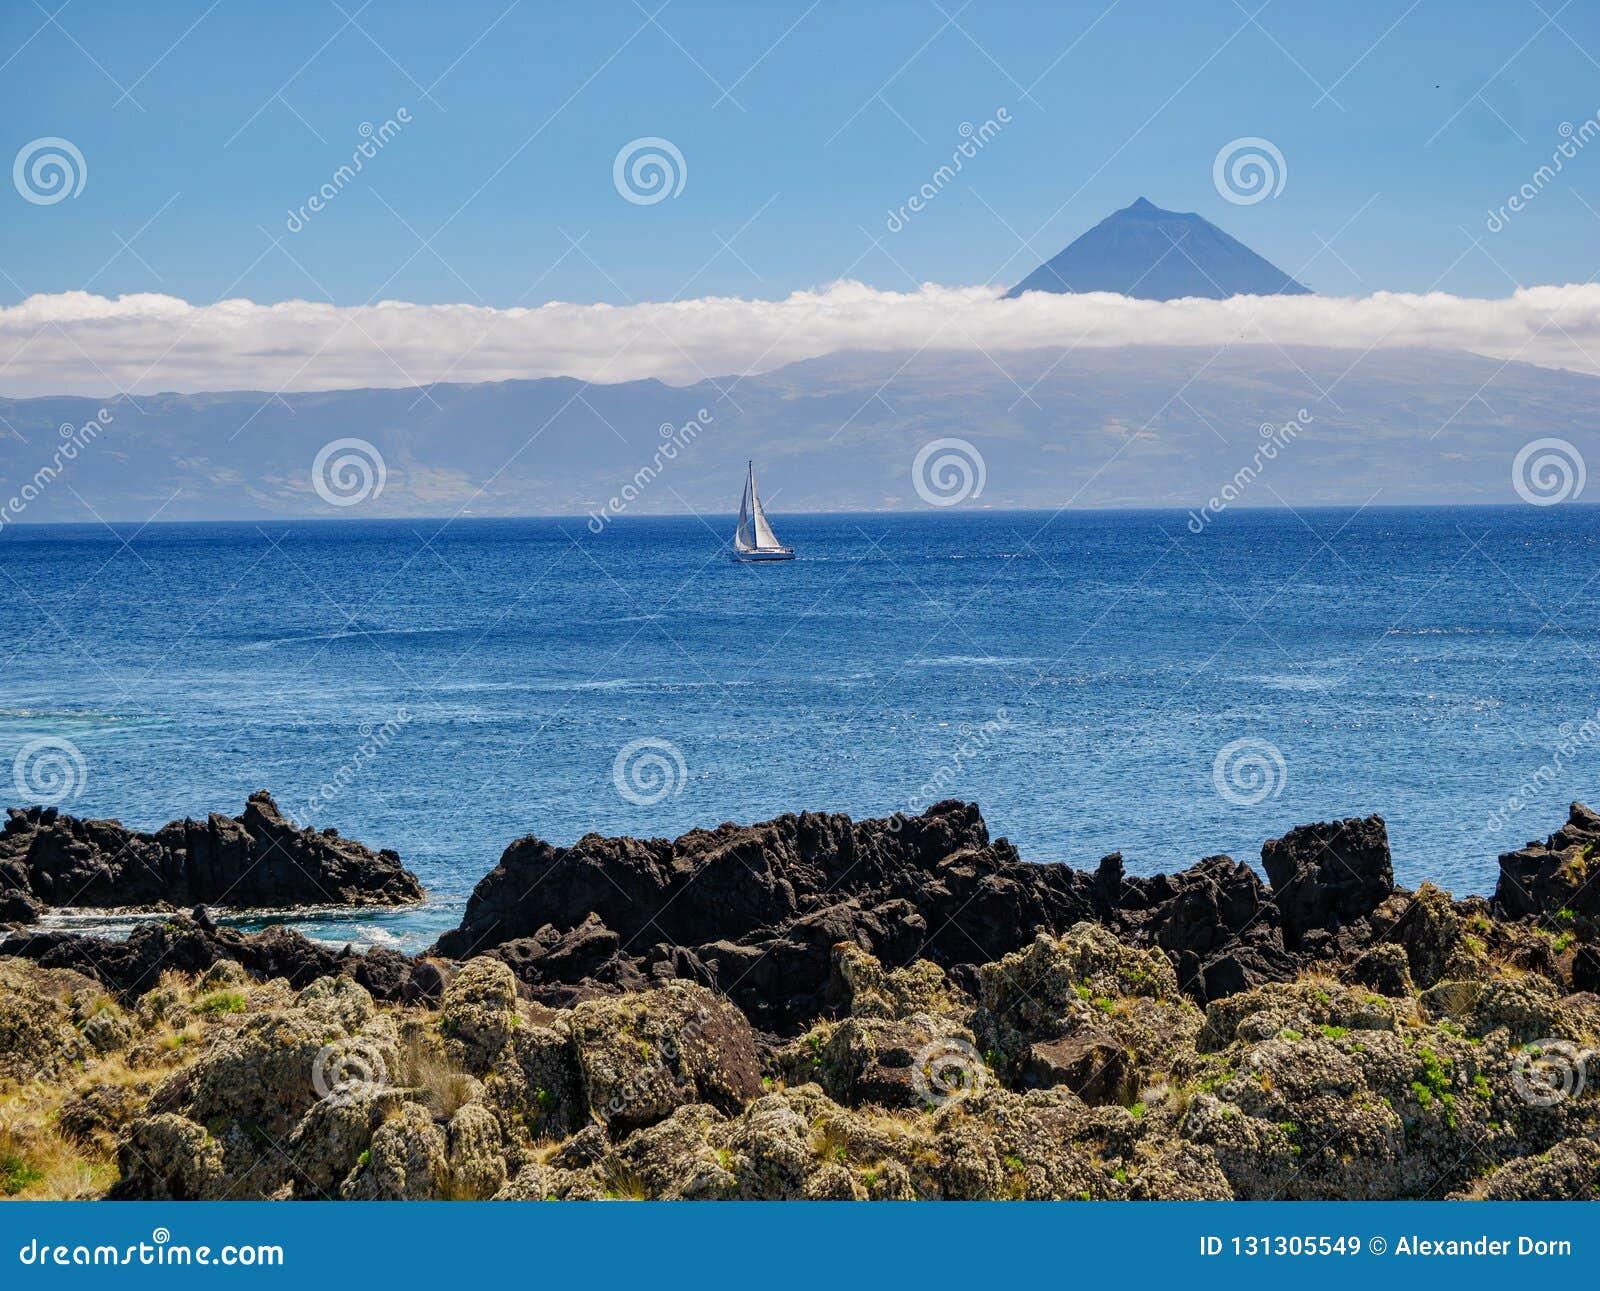 Bild från en klippa med en segelbåt i det atlantiskt och ön av Pico med berget Pico i bakgrunden